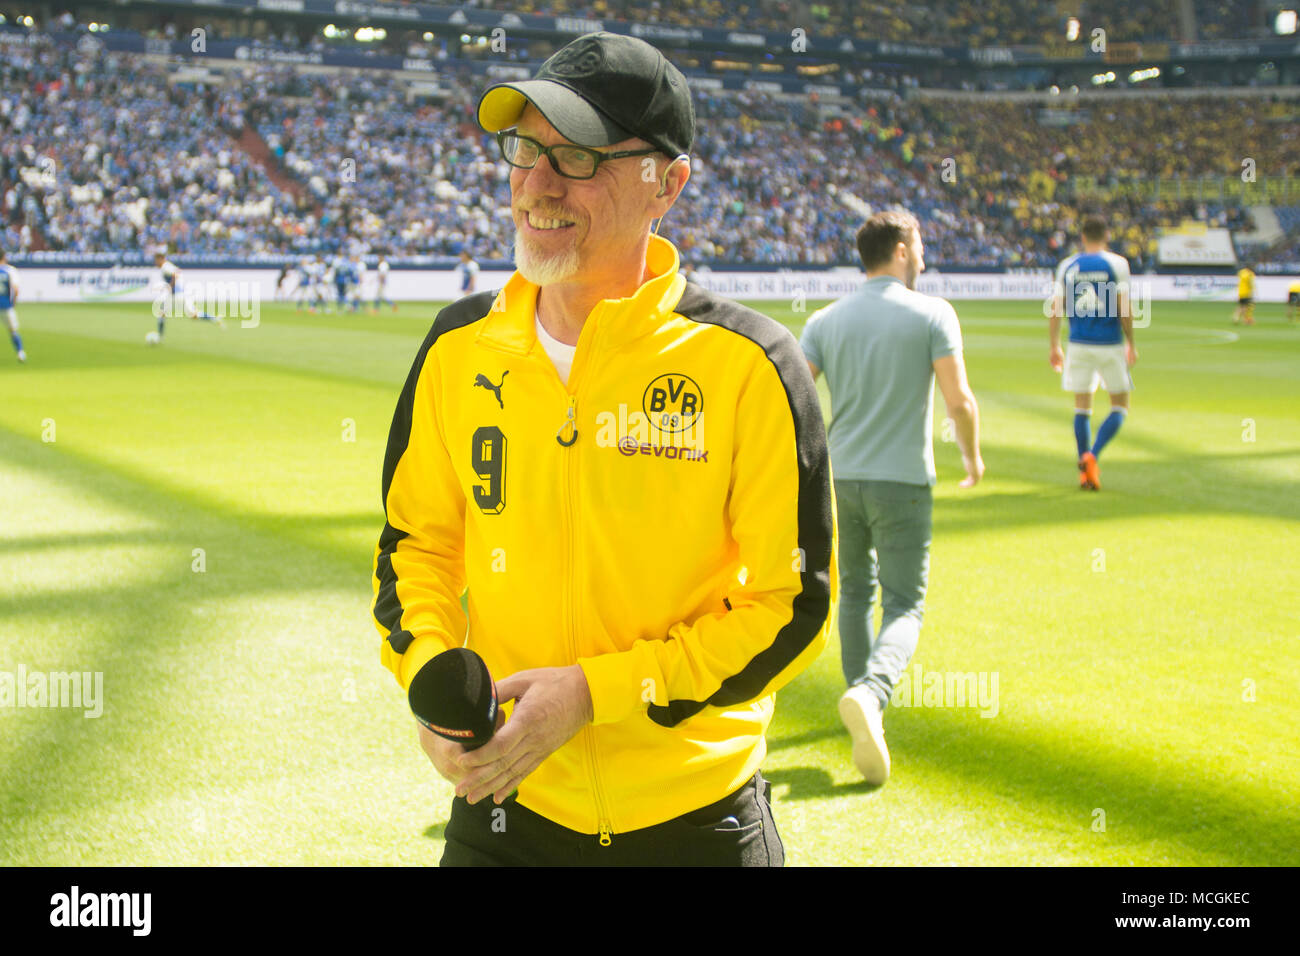 Gelsenkirchen, Allemagne. Apr 15, 2018. Peter STOEGER (droit, Stoger, coach n') et Domenico TEDESCO (entraîneur, GE) se dispersent, la moitié de la figure, la moitié de la figure, football 1ère Bundesliga, 30e journée, le FC Schalke 04 (GE) - Borussia Dortmund (NE), le 15.04.2017 à Gelsenkirchen, Allemagne. Utilisation dans le monde entier | Credit: dpa/Alamy Live News Banque D'Images